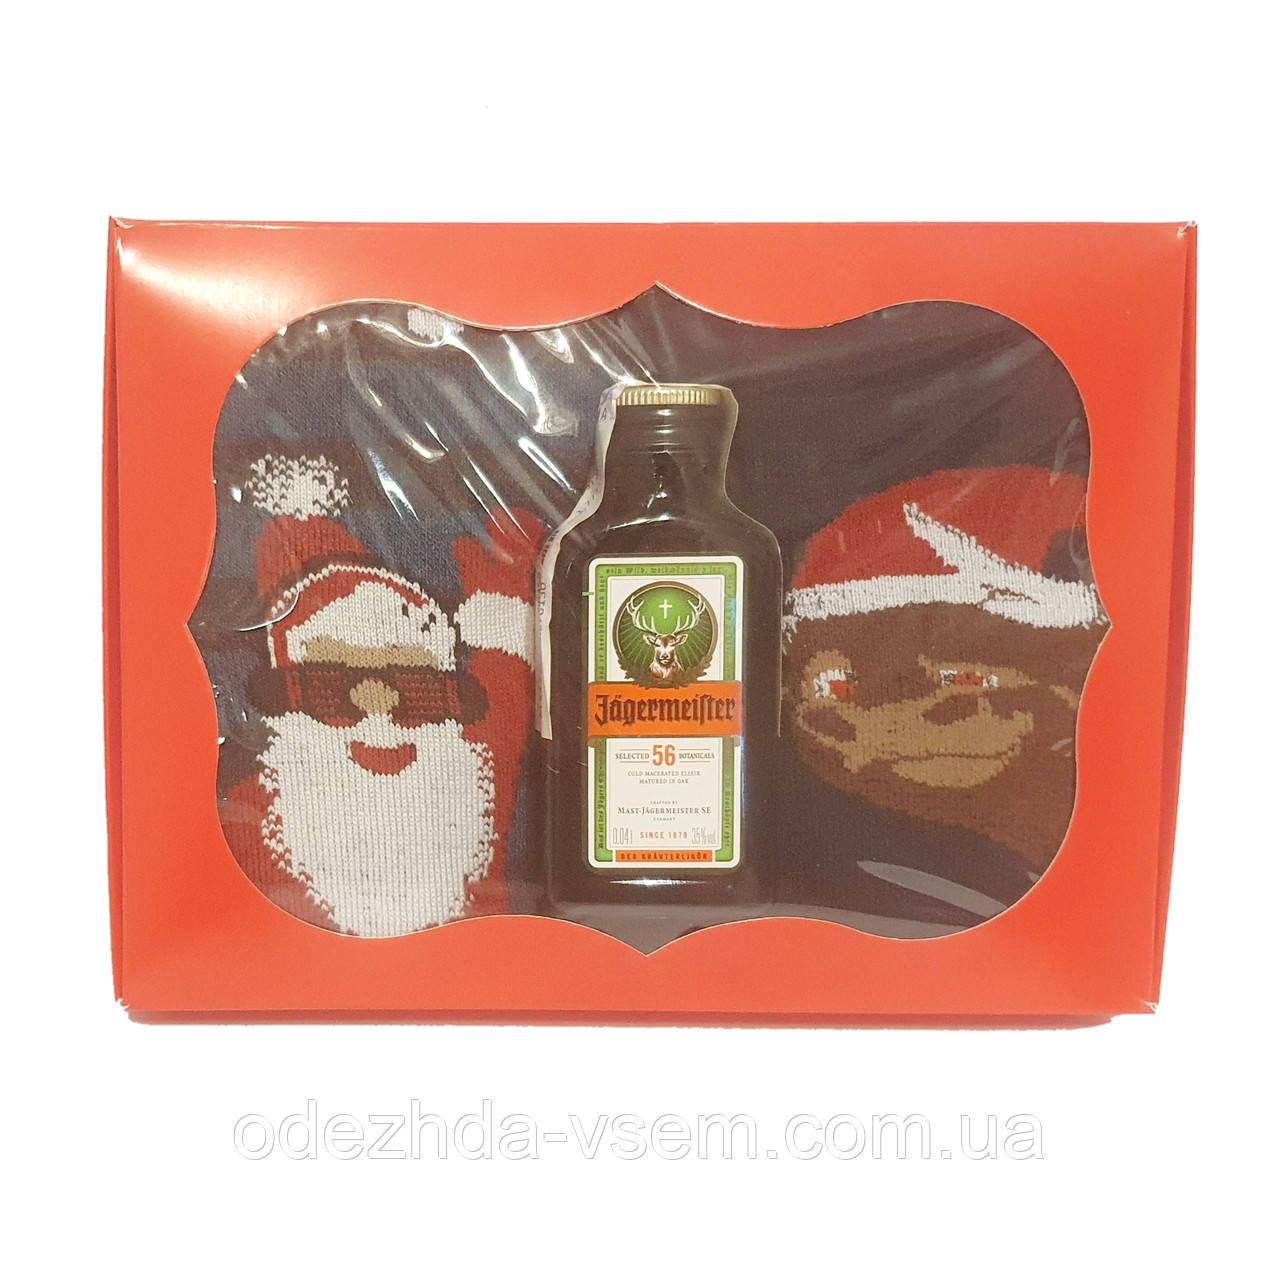 Новорічний подарунок: міні Jagermeister + 2 пари махрових шкарпеток